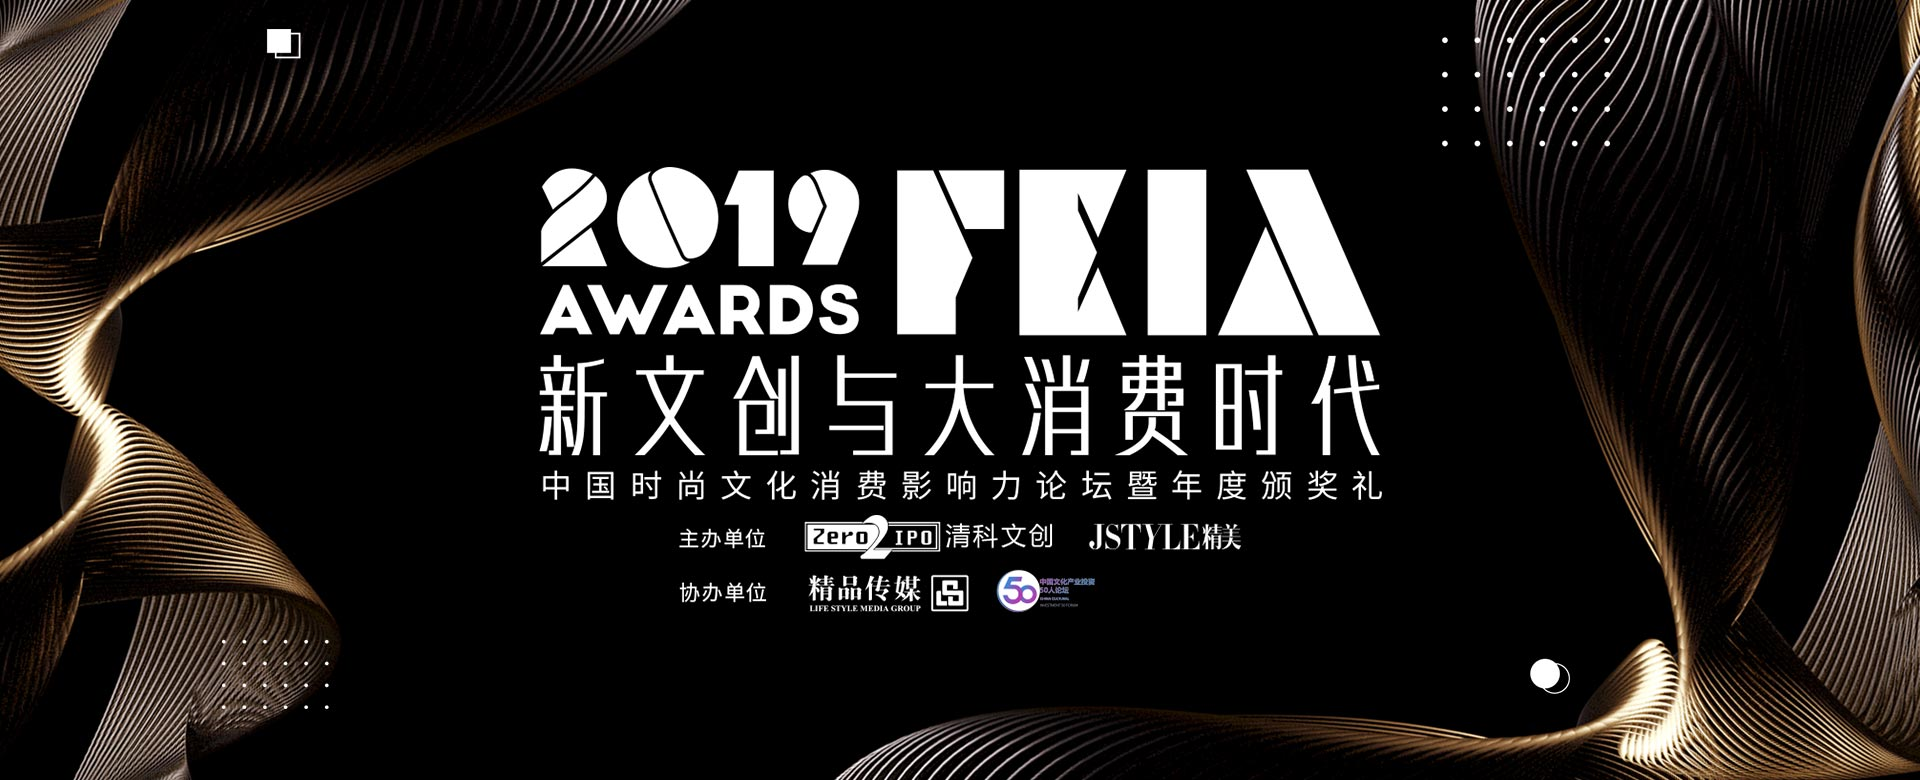 深度对话文投巨擘 众星闪耀年度盛典 ——2019 FEIA中国时尚文化消费投资影响力论坛暨年度颁奖礼隆重举行